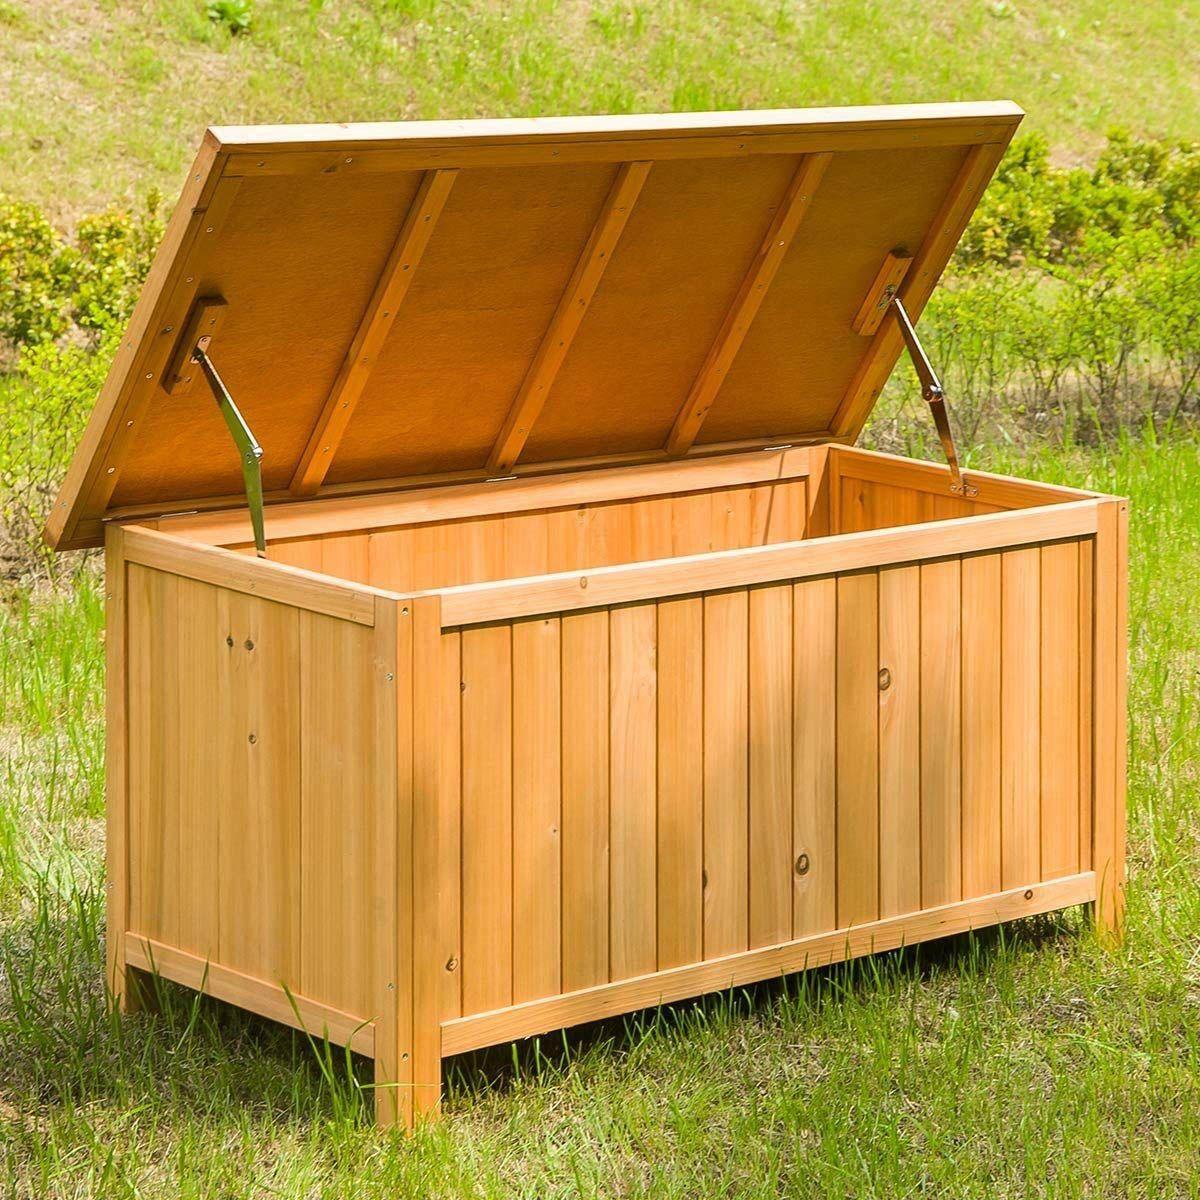 10 Charming Diy Outdoor Storage Ideas Patio Storage Outdoor Storage Bench Outdoor Storage